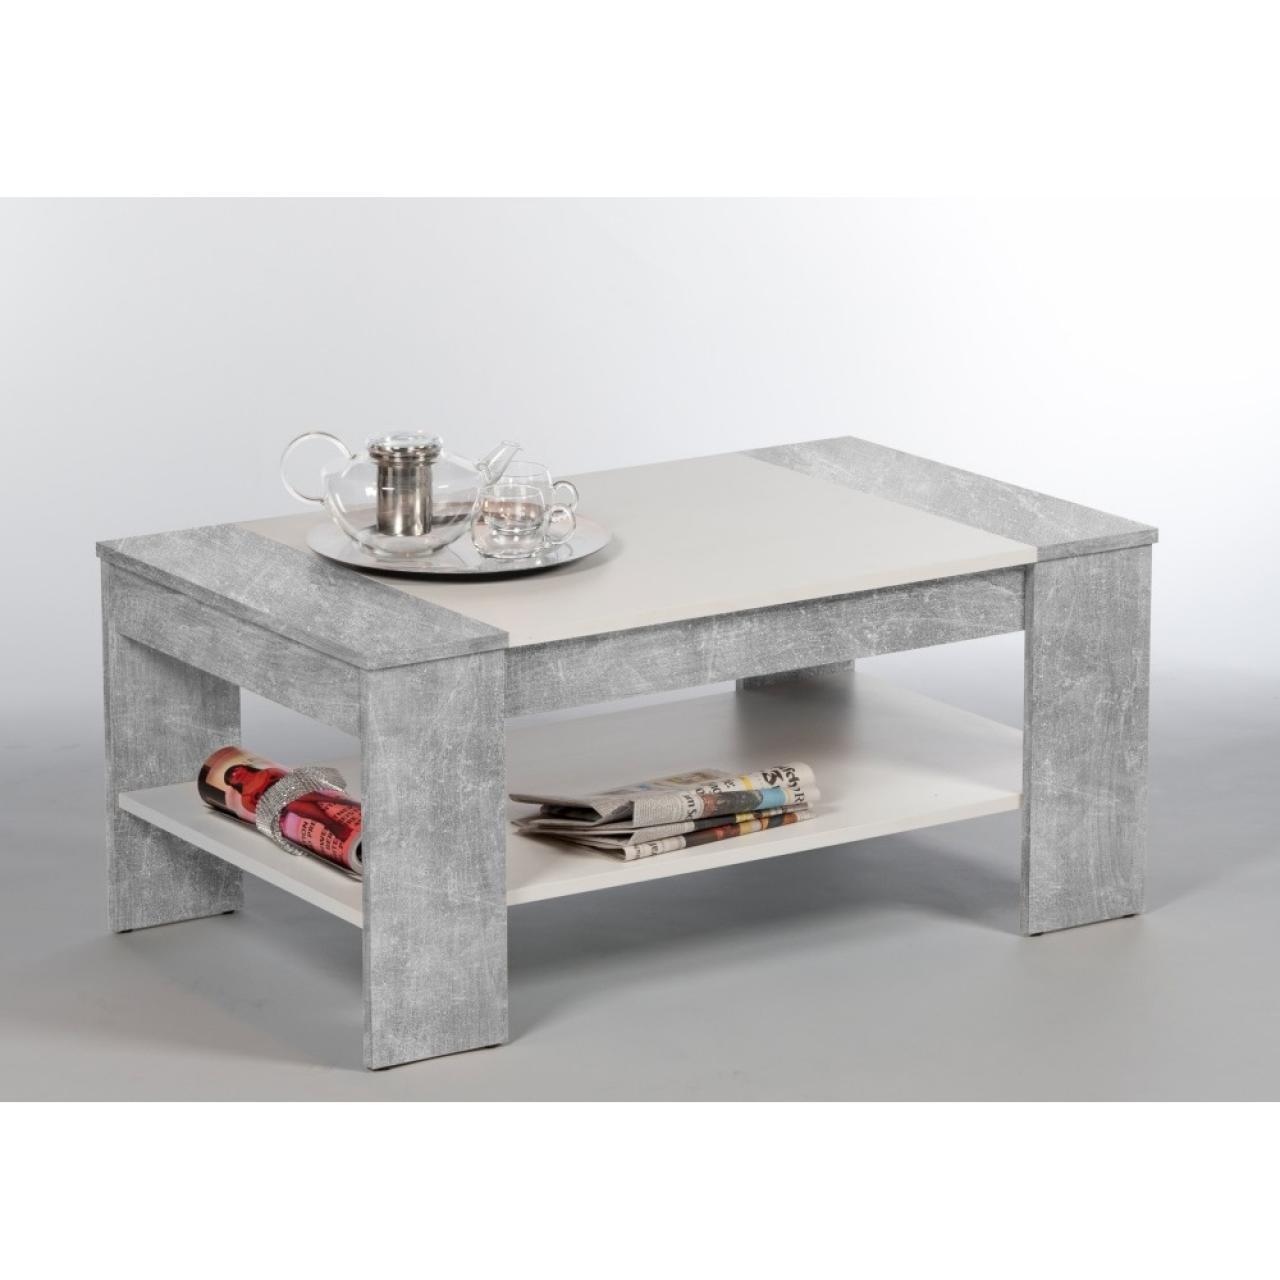 Couchtisch Finley Plus Beton/Weiß MDF mit Schubkasten & Ablagefach